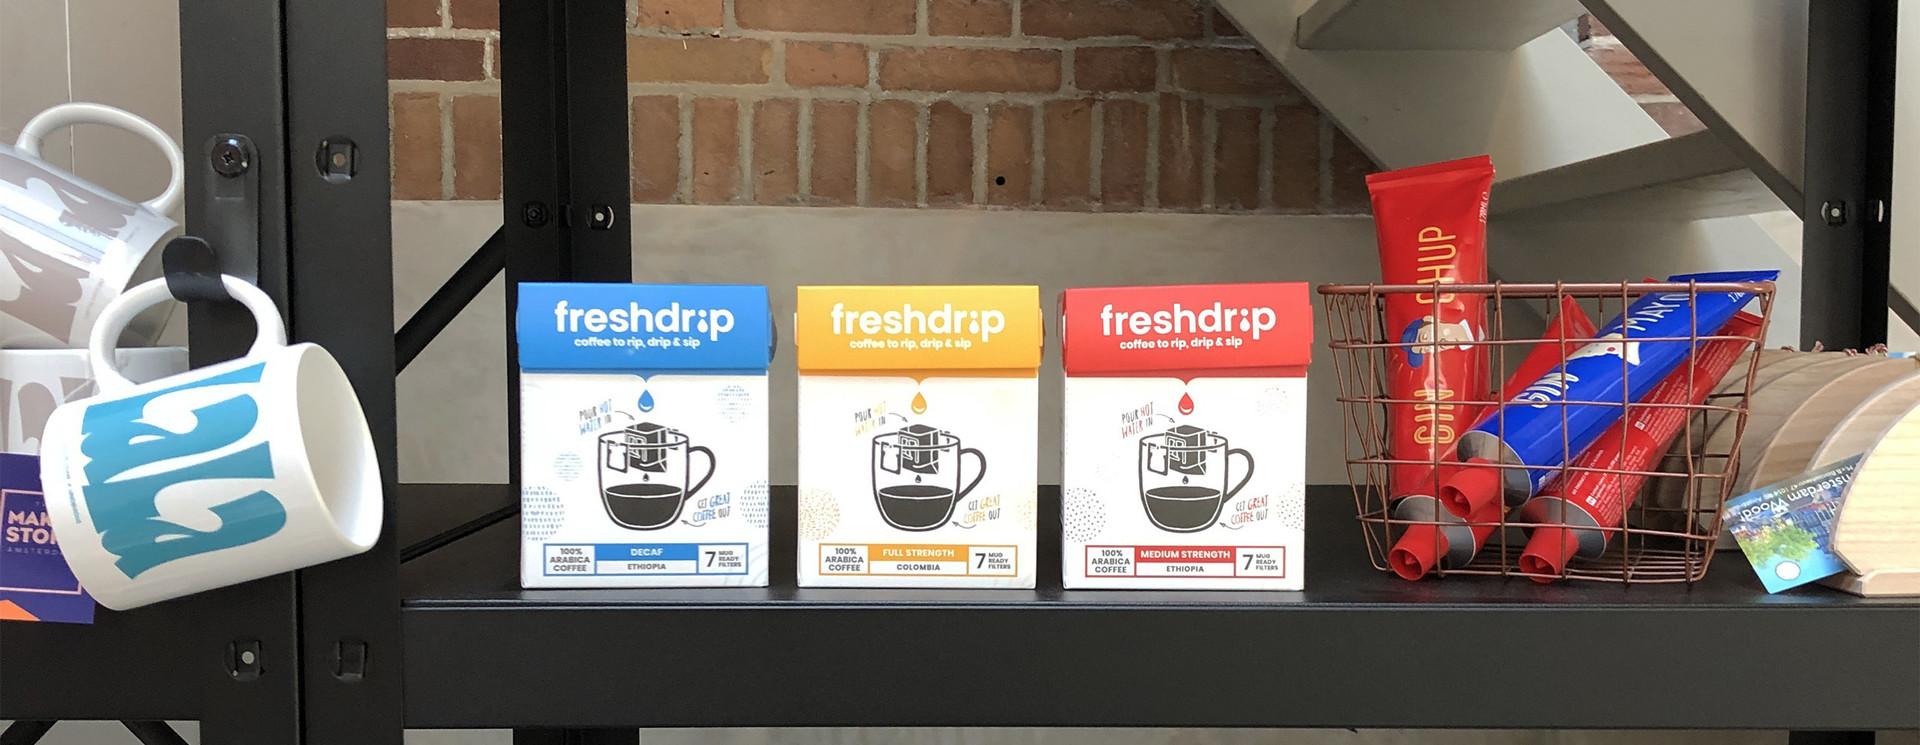 Order Freshdrip op basis van box grootte